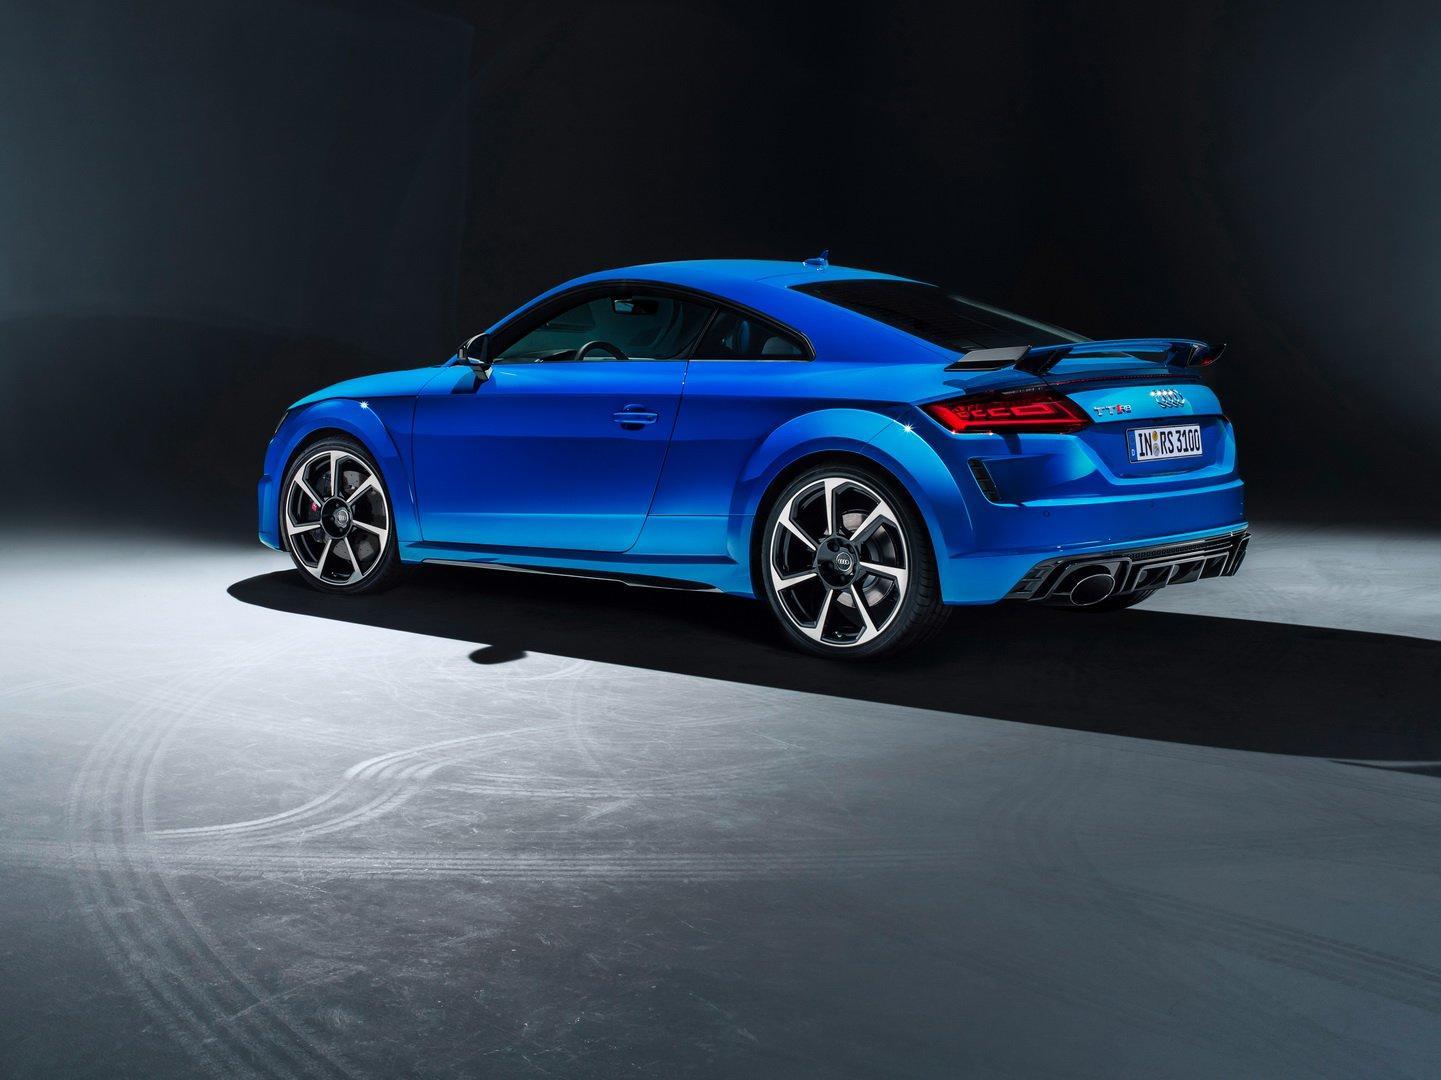 Audi TT RS facelift - Audi TT RS facelift